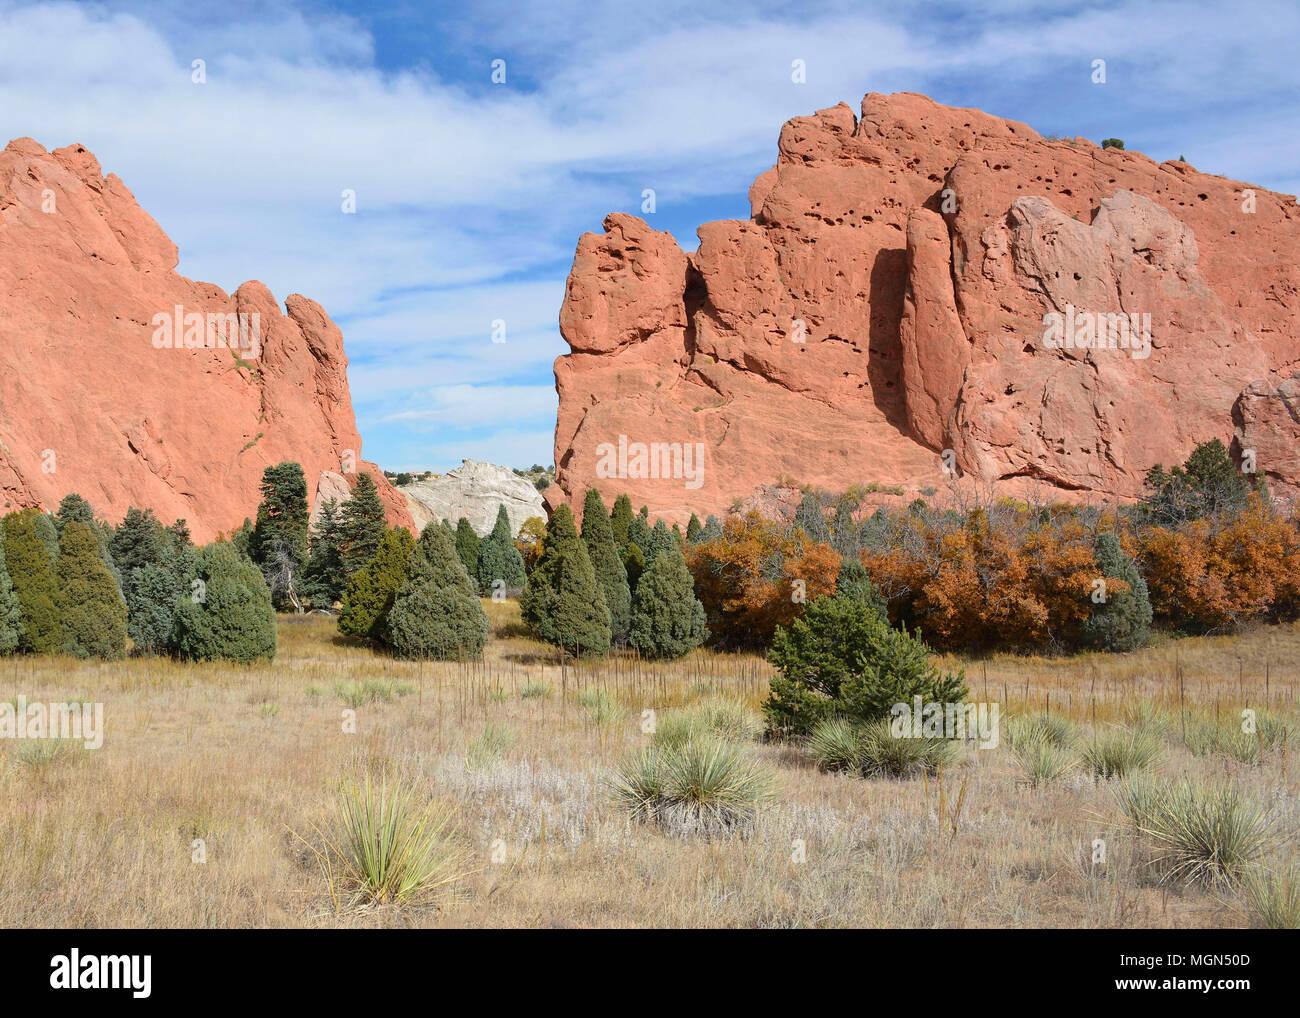 Colorado Springs Scenery - Stock Image